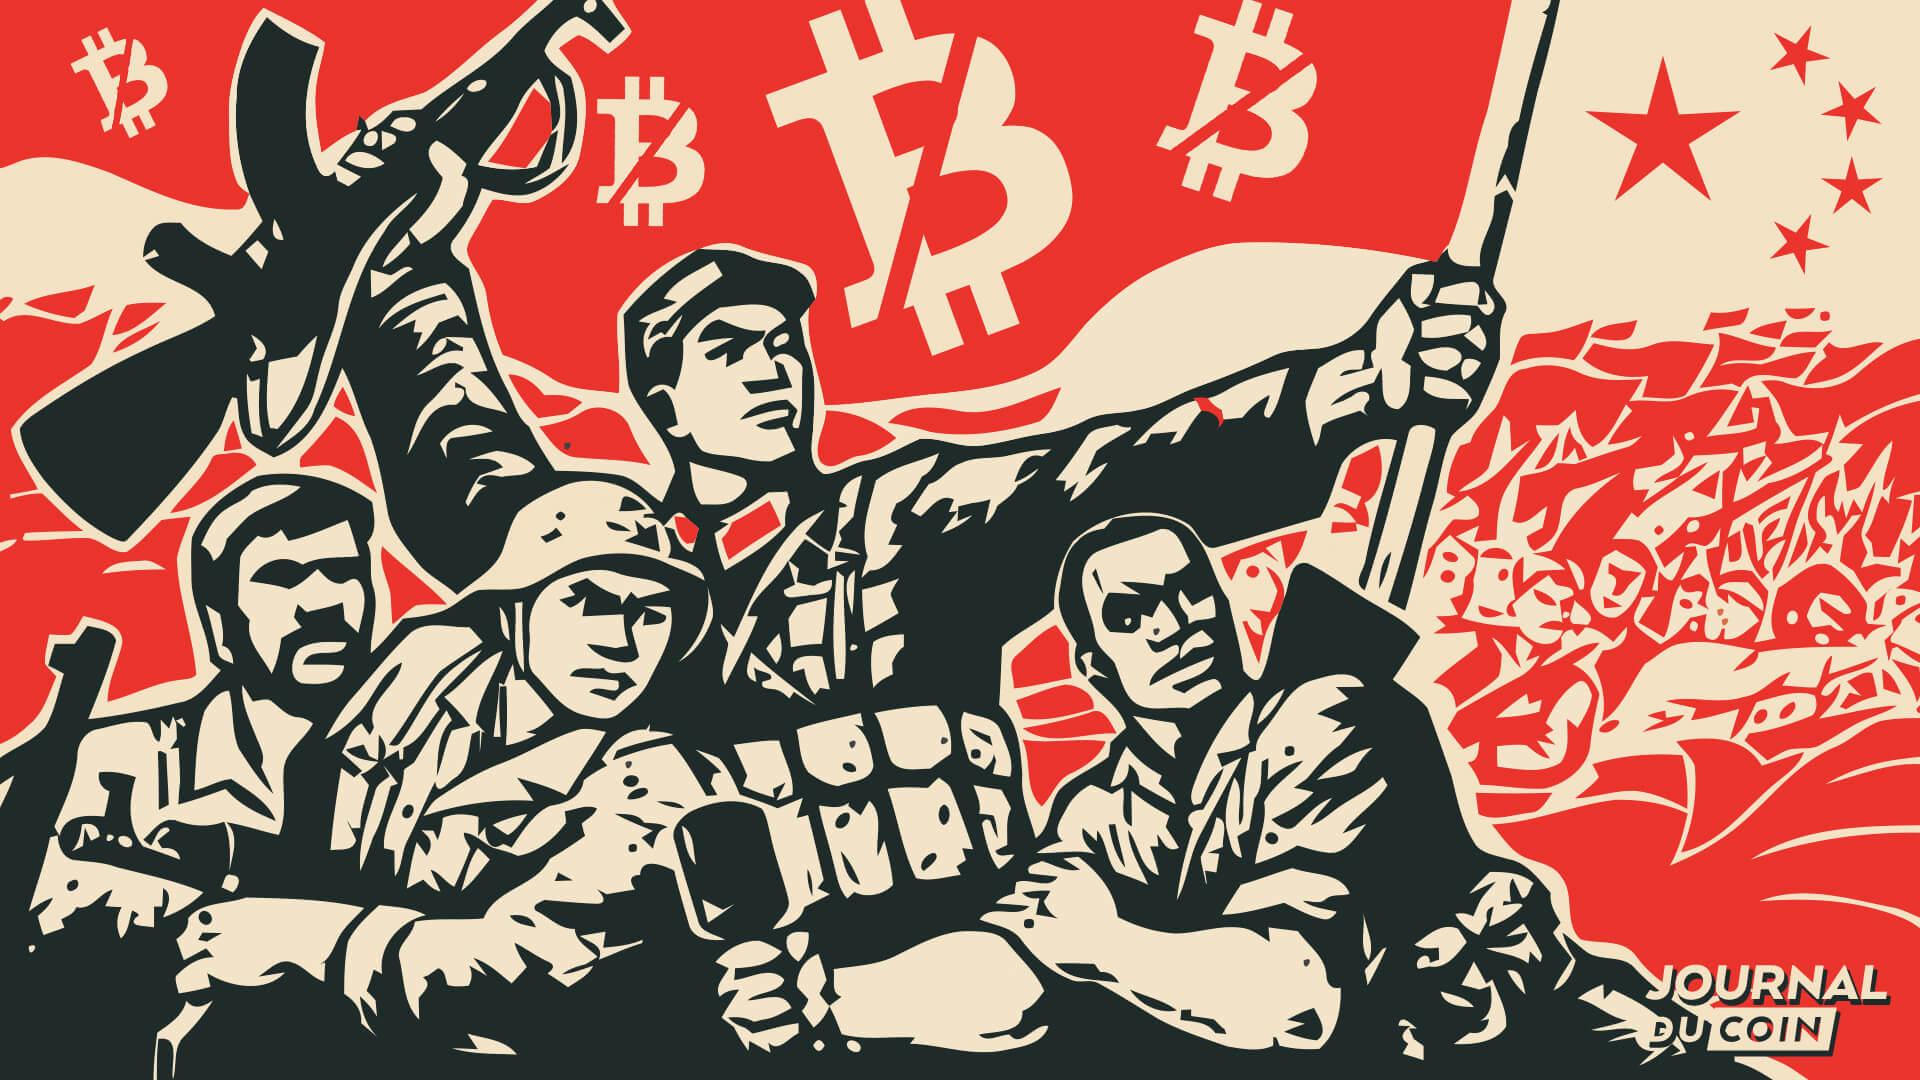 Quand les blockchains chinoises partent à la conquête du monde